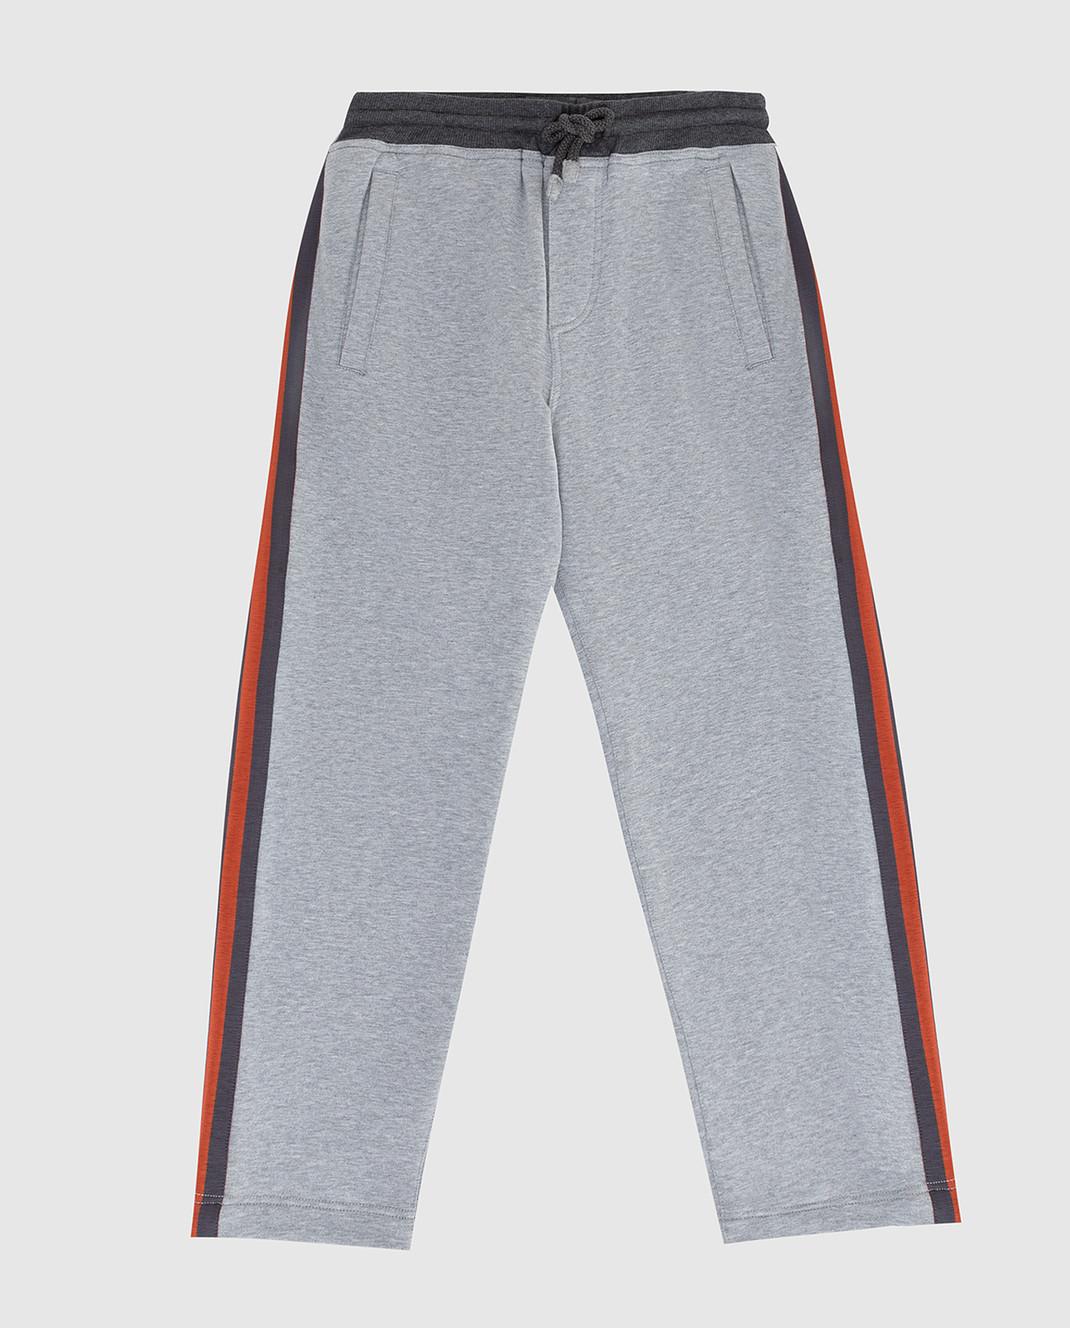 Brunello Cucinelli Детские серые спортивные брюки изображение 1